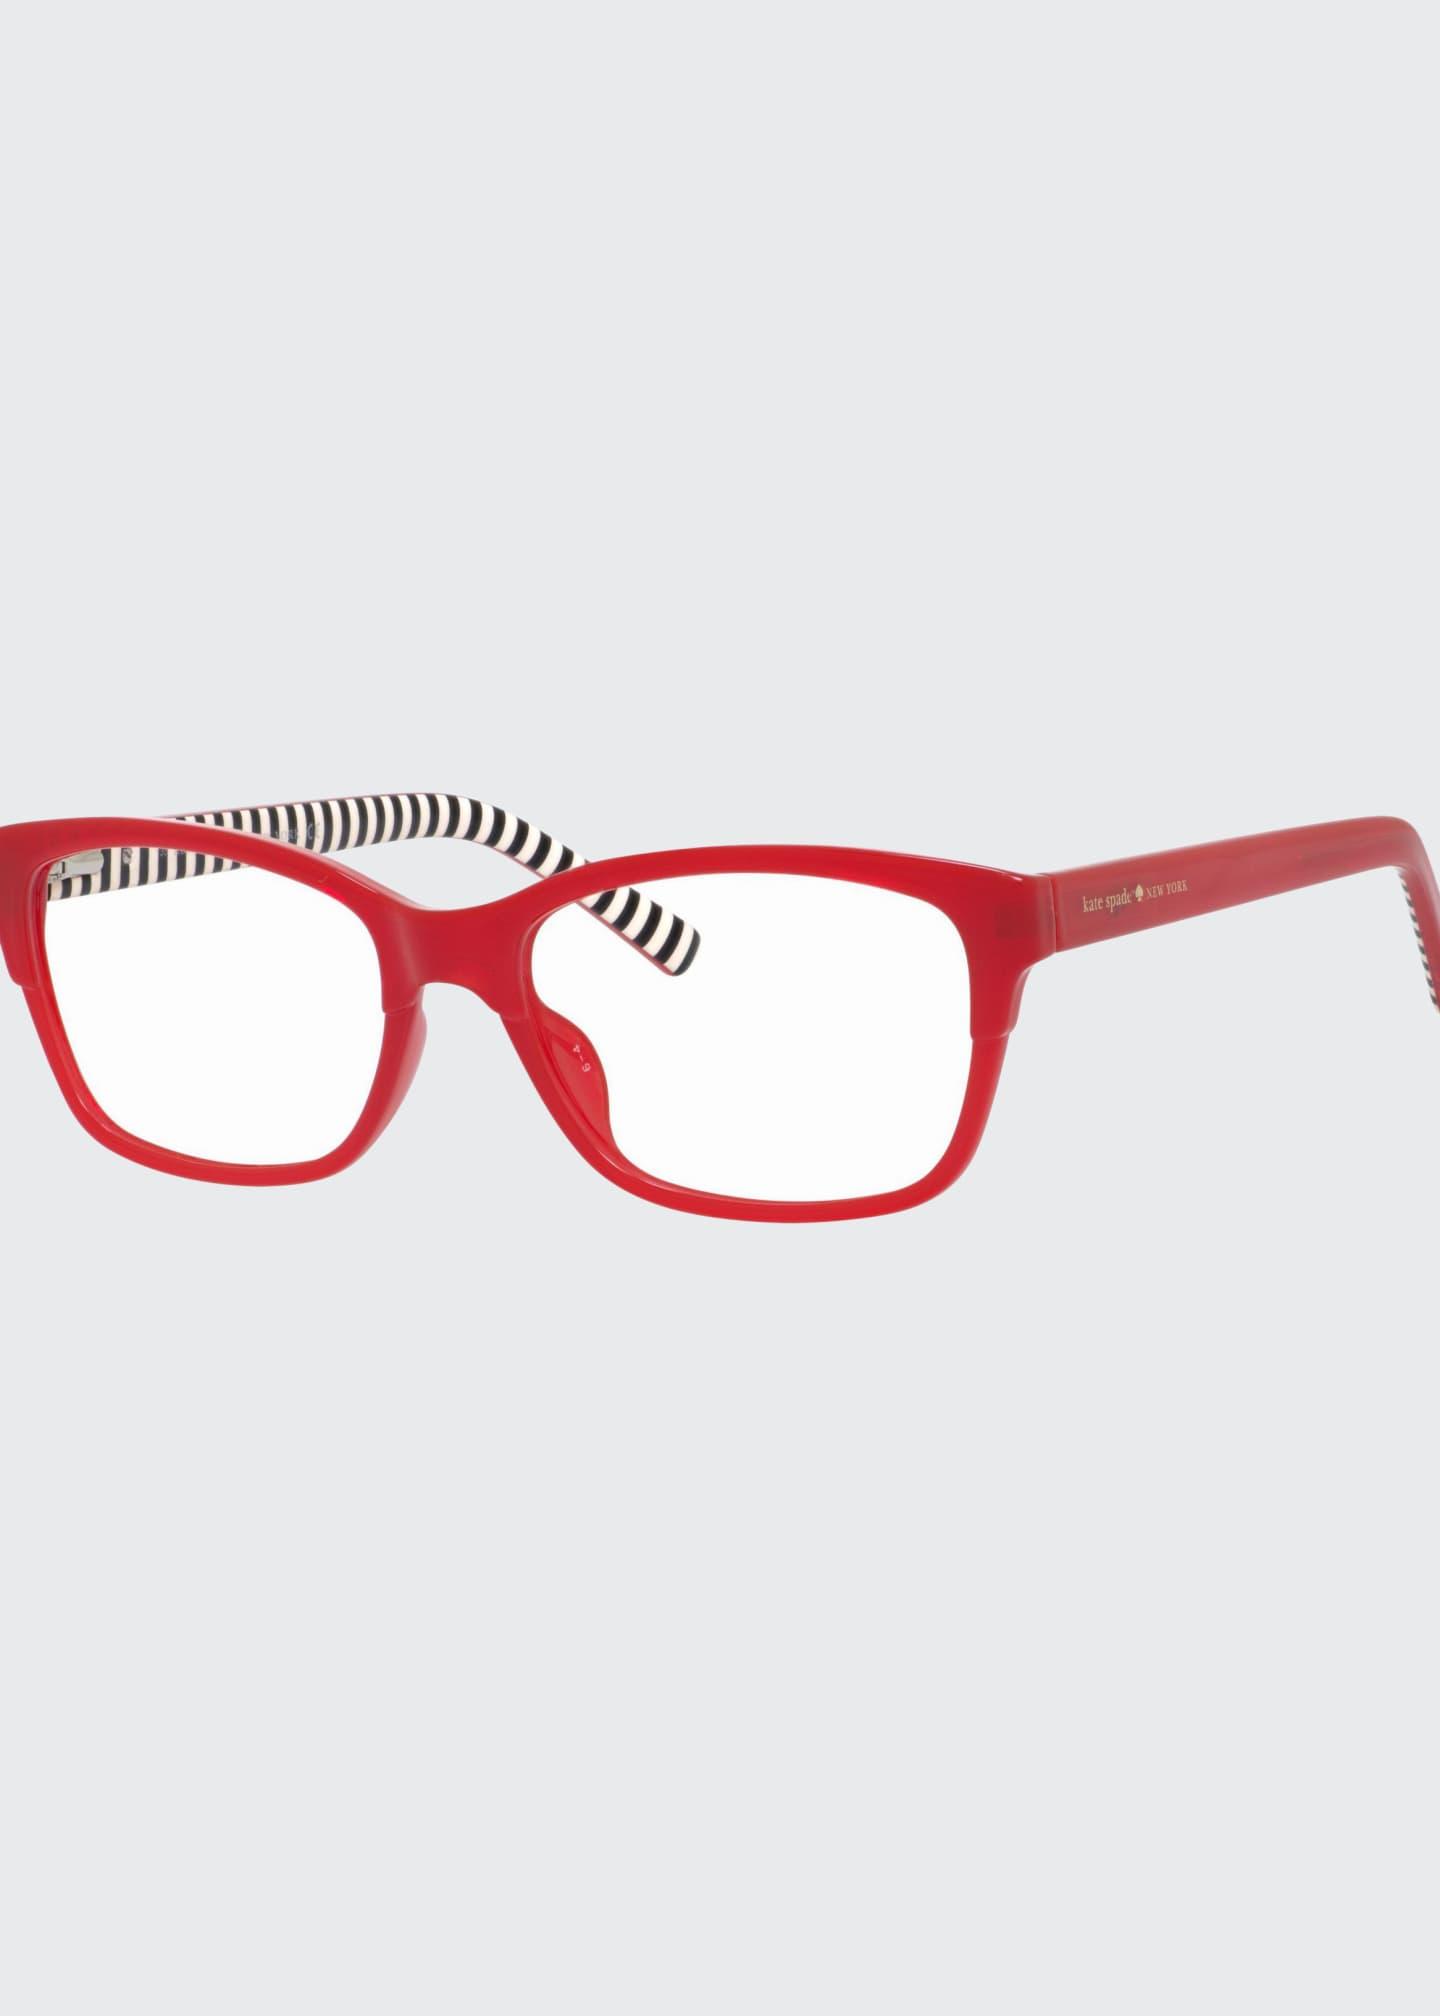 kate spade new york tenille rectangular reading glasses